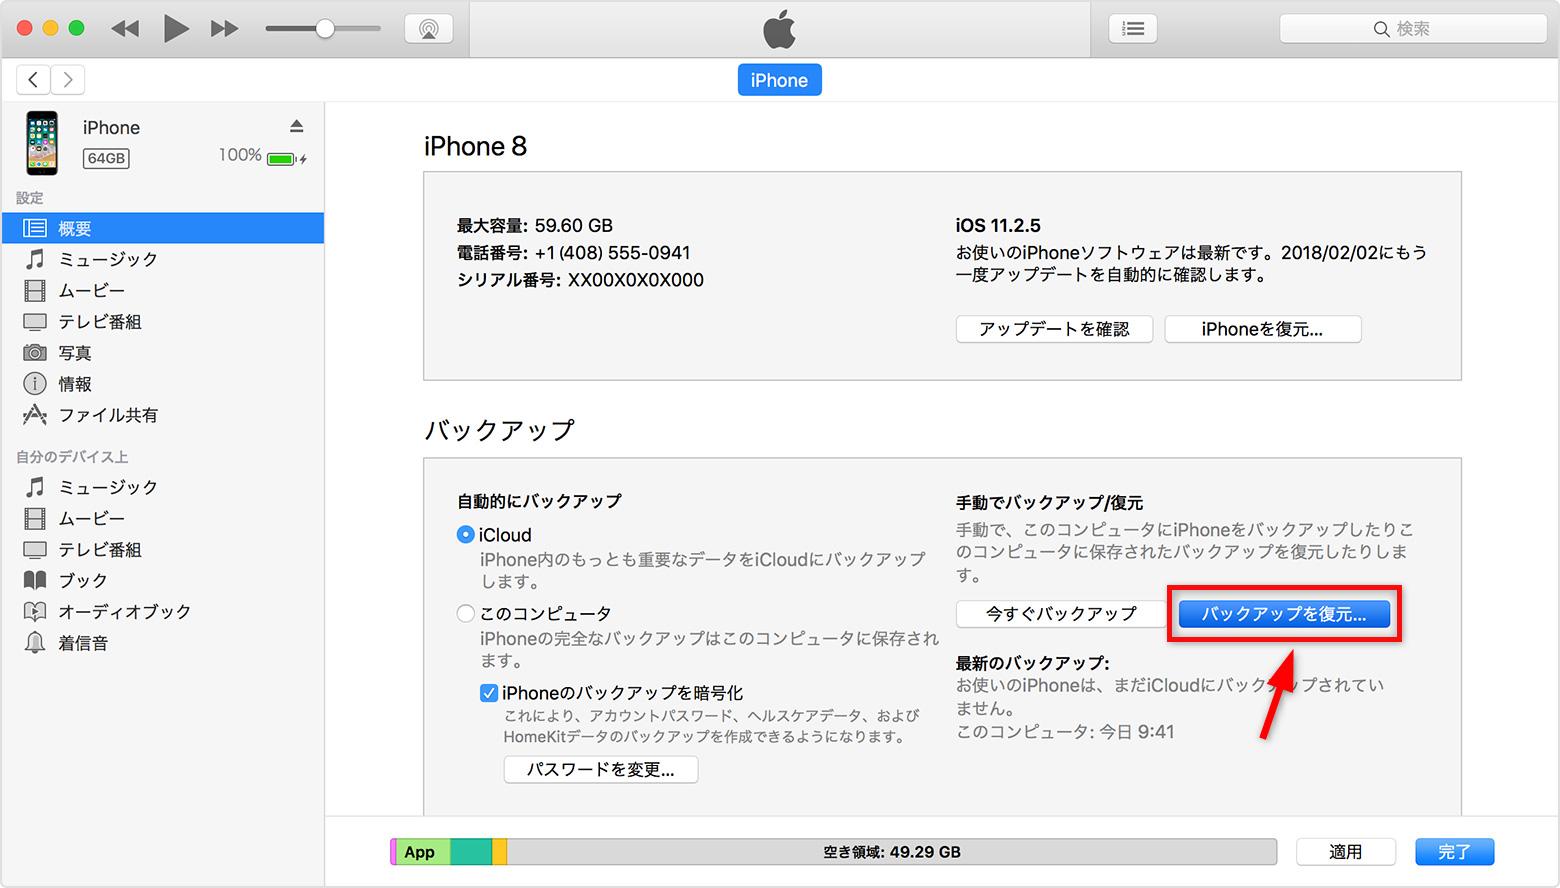 iTunesバックアップから消えた写真・画像を復元する